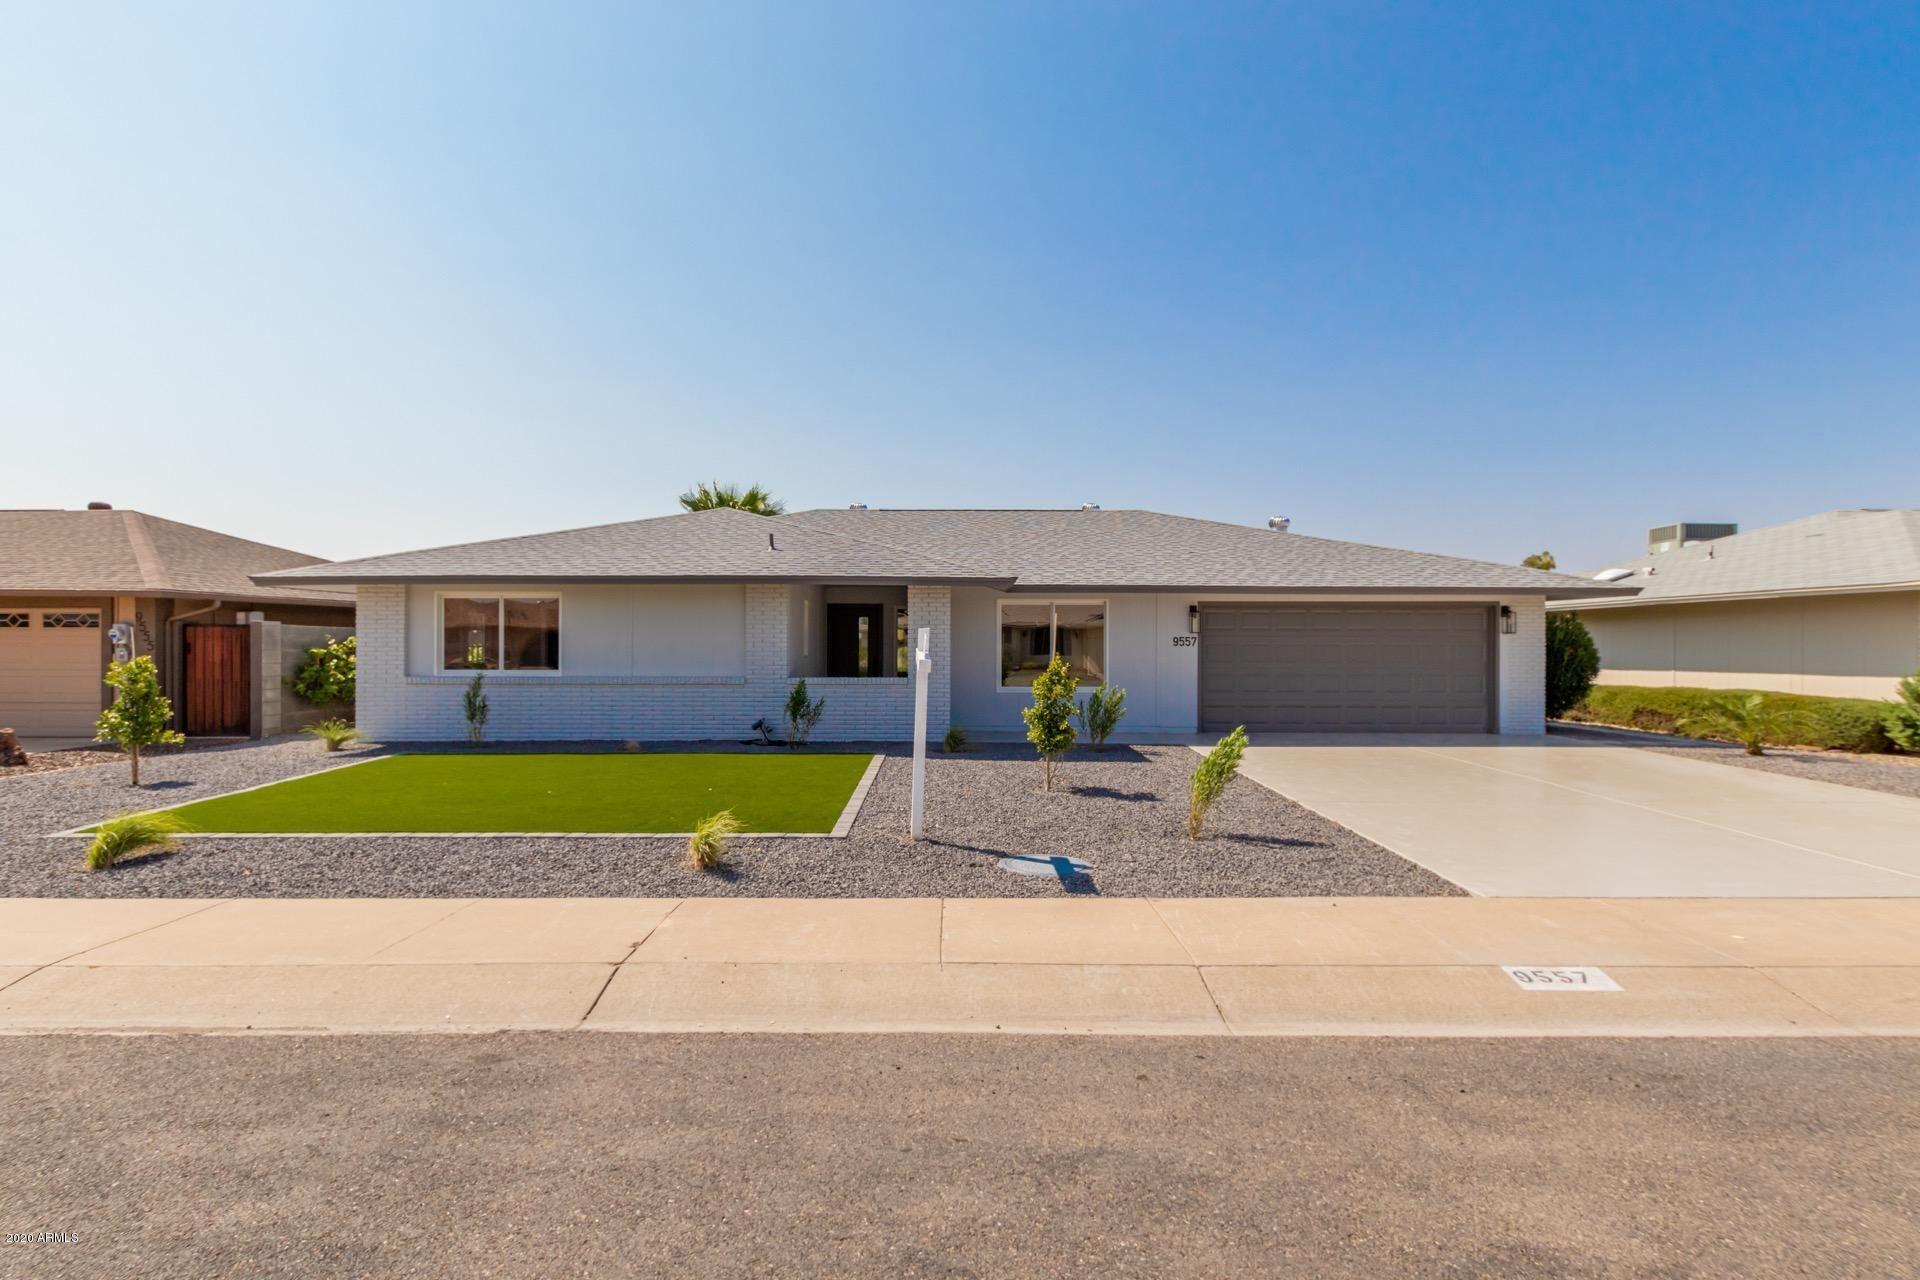 9557 W WILLOWBROOK Drive, Sun City, AZ 85373 - MLS#: 6133697